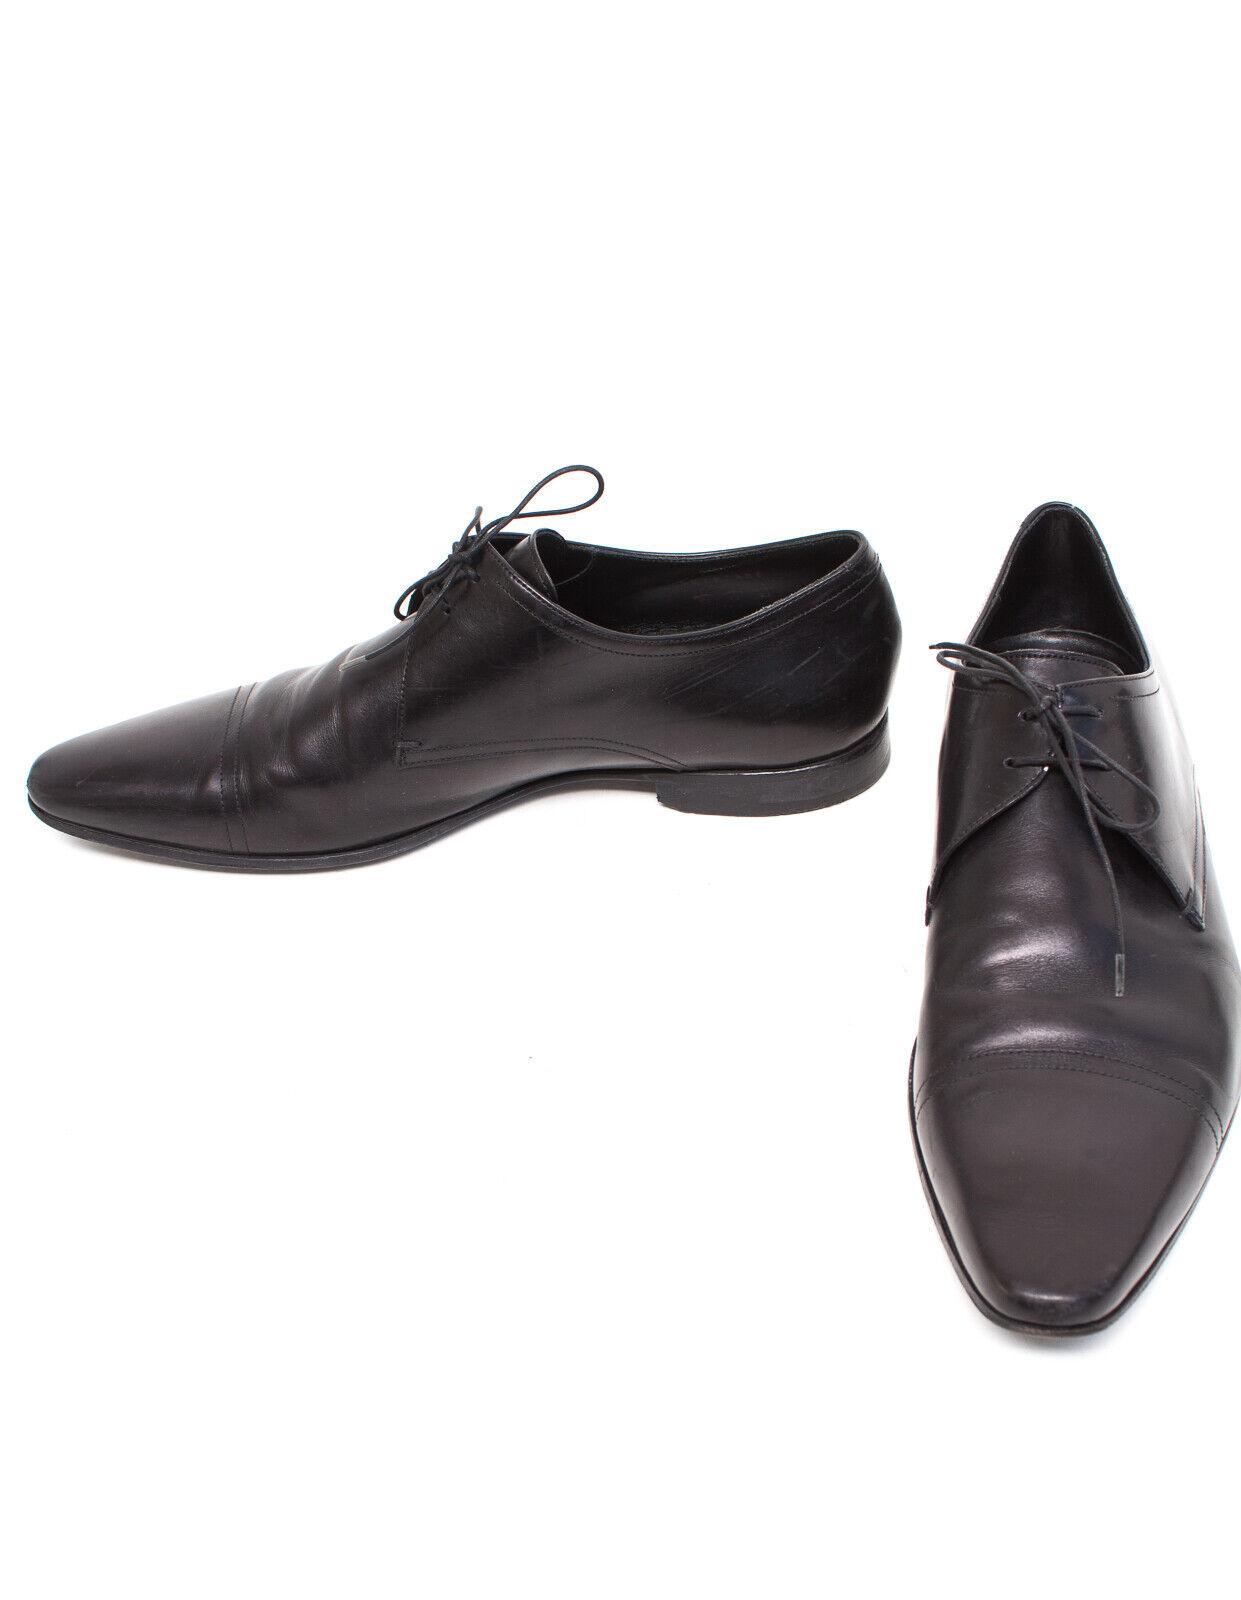 prendi l'ultimo Hugo BOSS SCARPE UOMO TG 10 EU 44-45 scarpe Scarpe Scarpe Scarpe Basse Pelle Nera  prezzi più convenienti